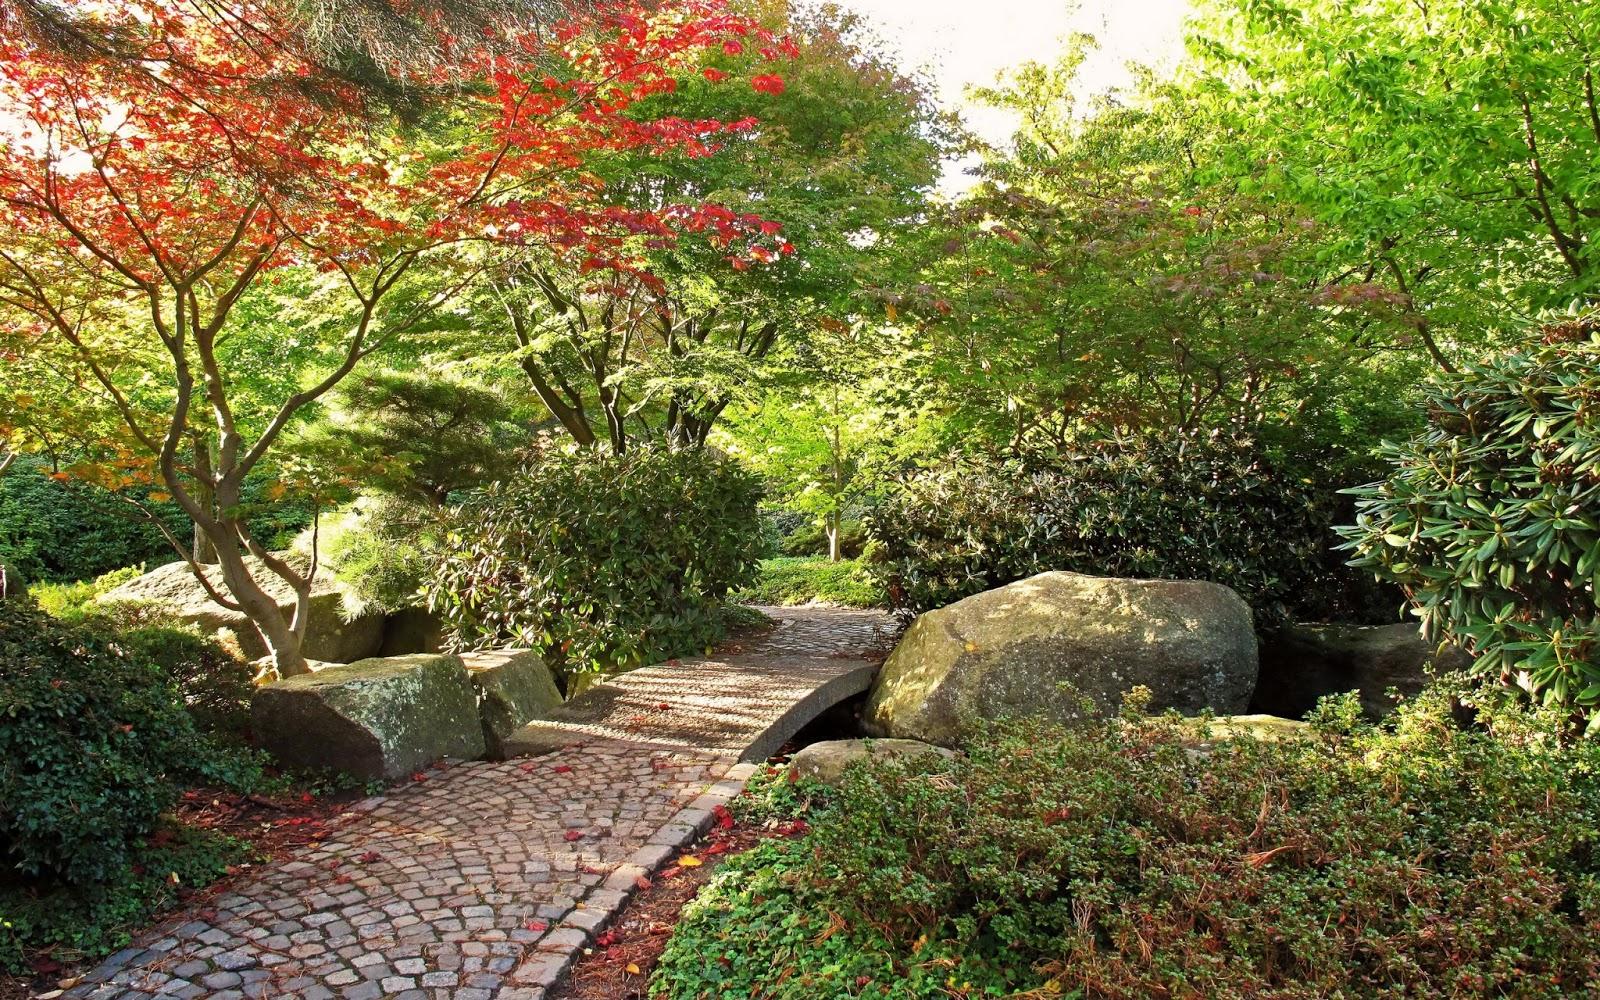 Fotos de jardines con flores y piedras - Fotos de jardines ...